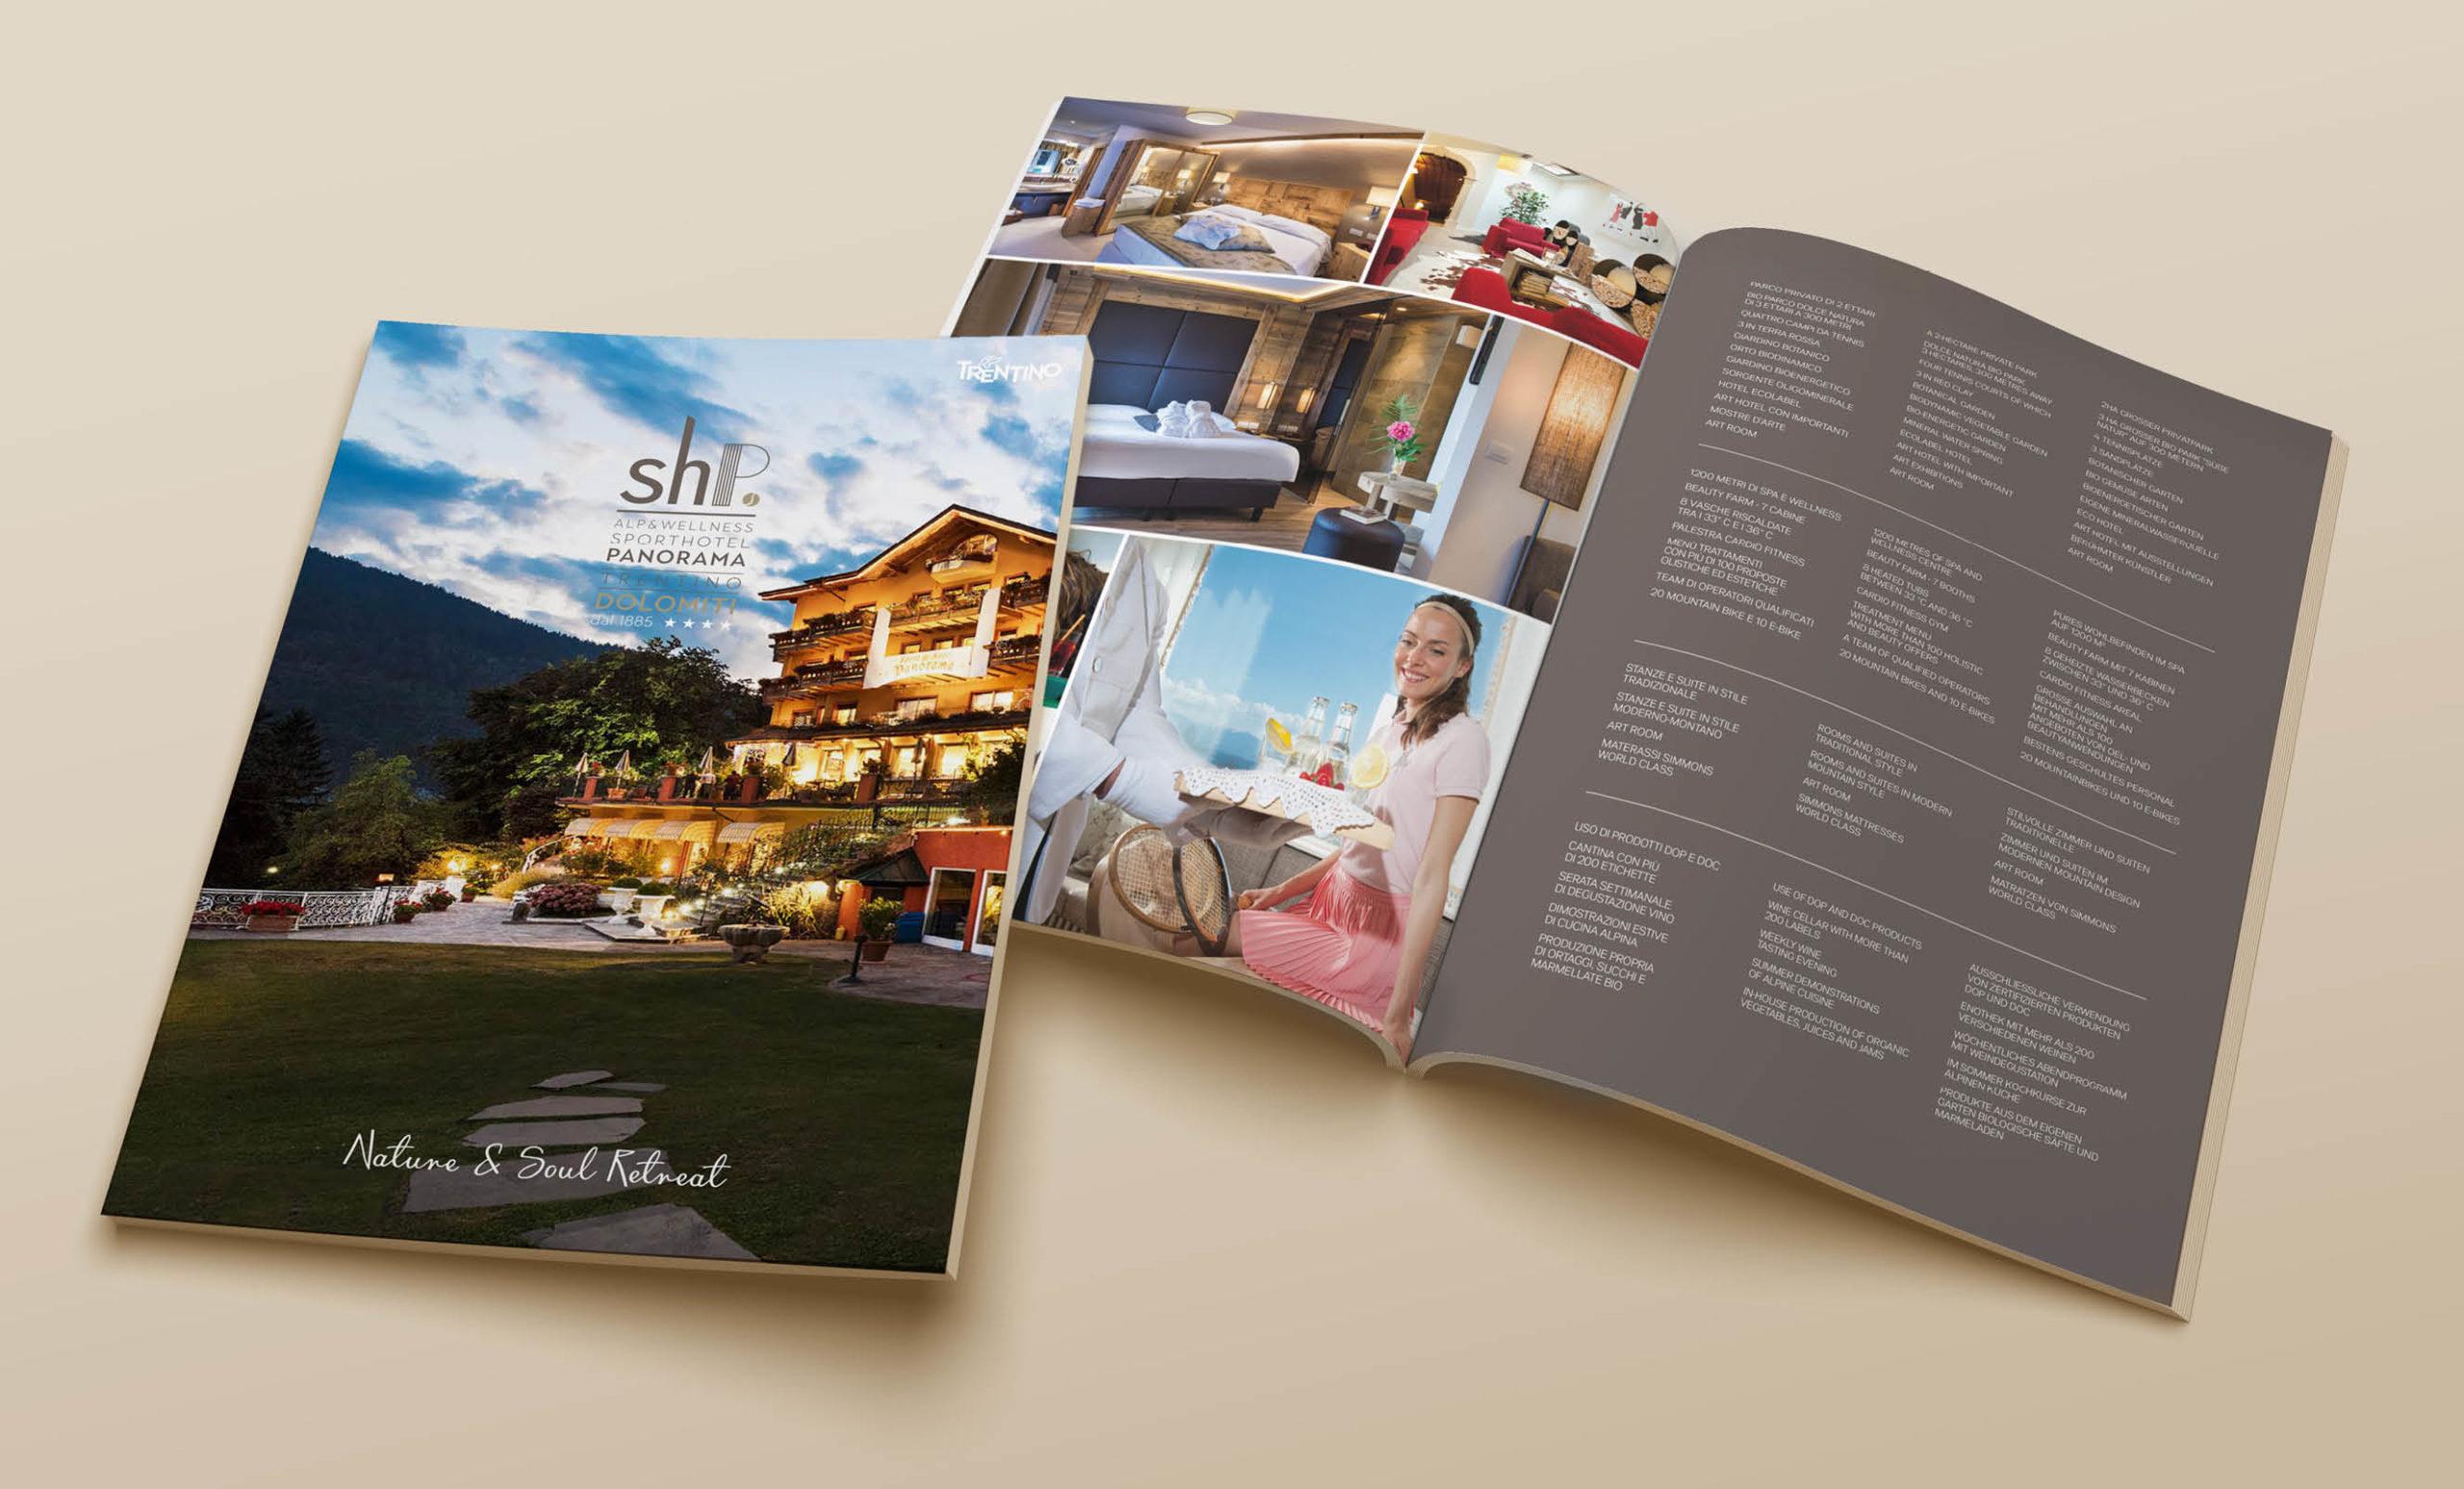 Sport Hotel Panorama – Trentino_03